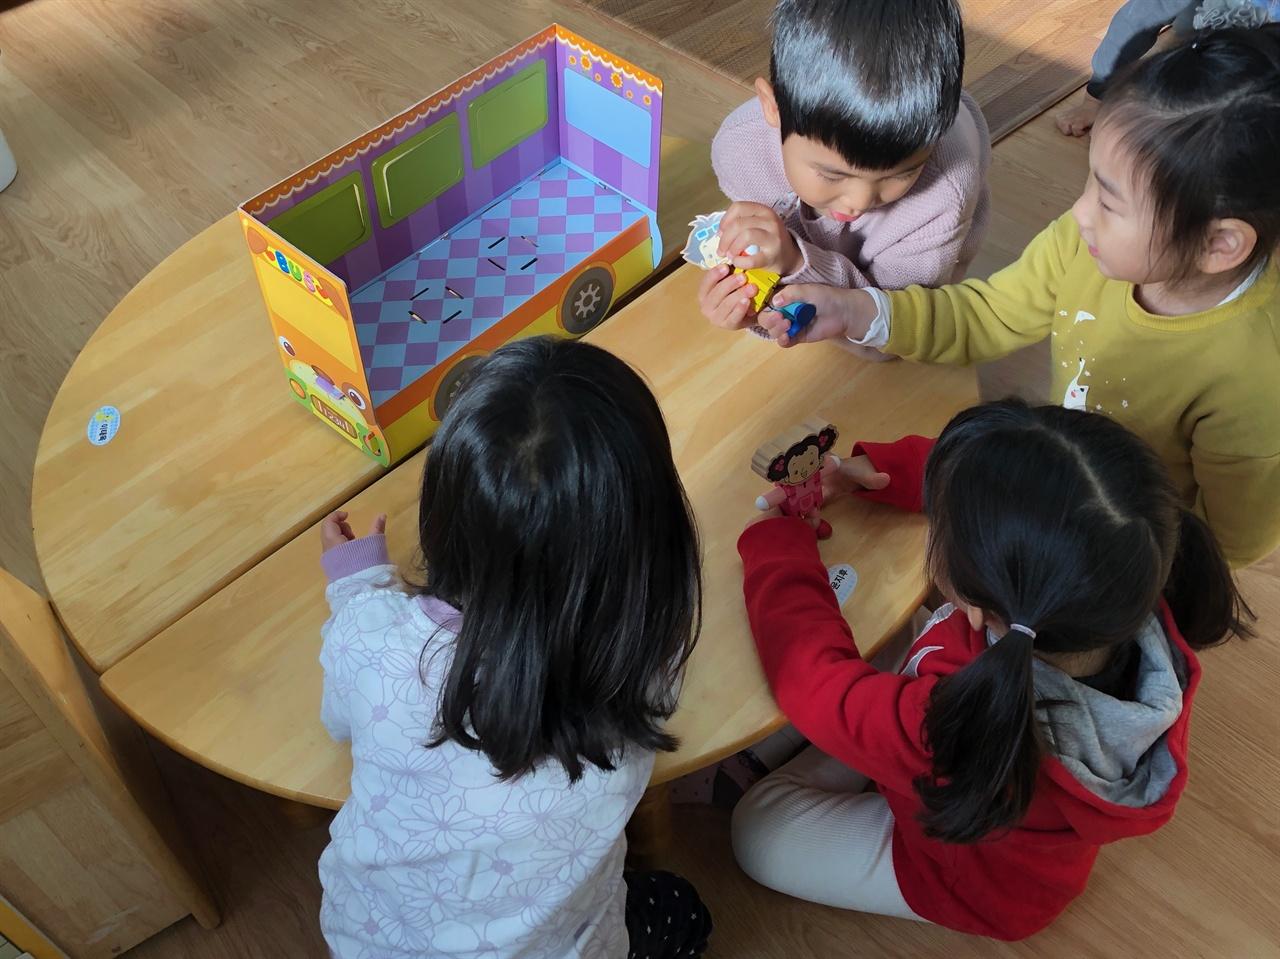 버스안전교육을 마친 만3세 유아들이 버스모형을 활용해 놀이를 하고 있다.